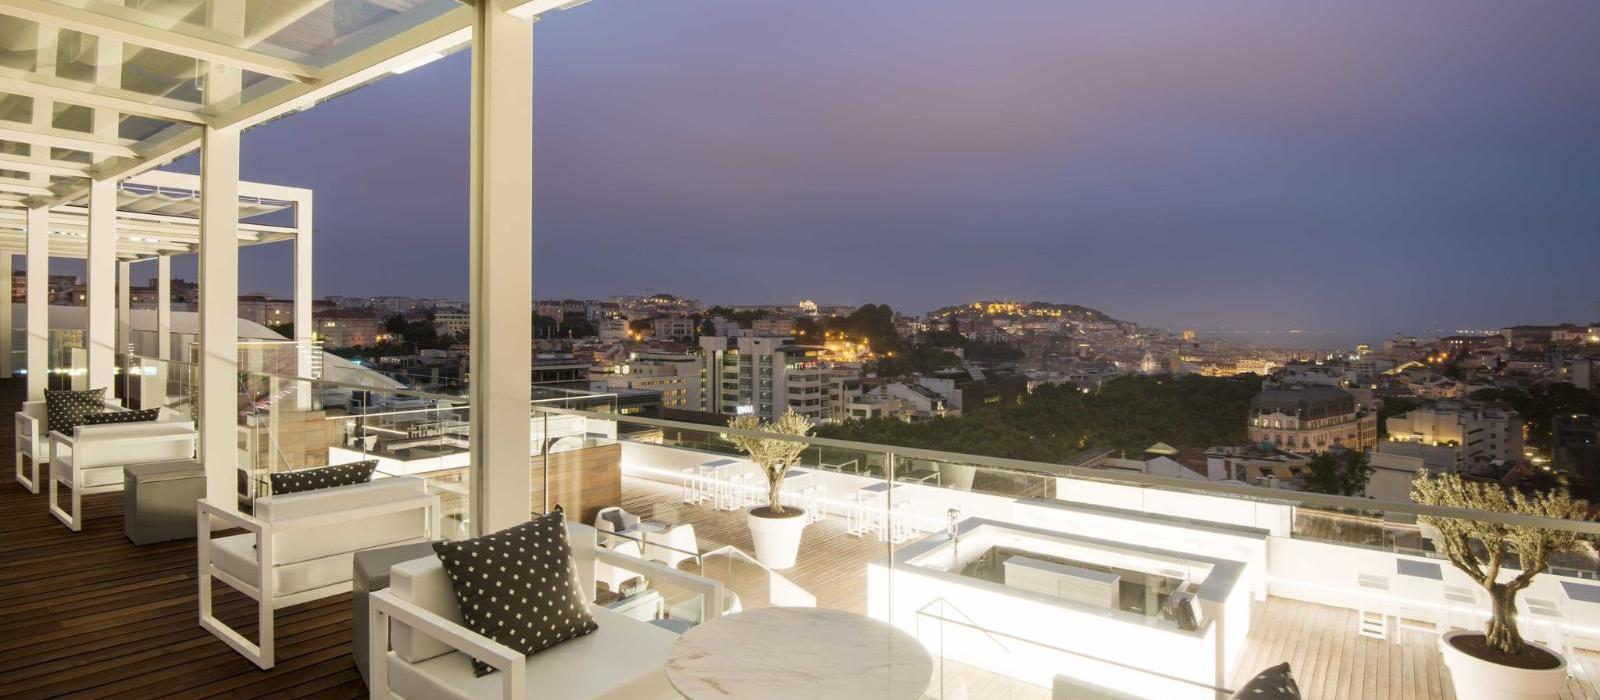 里斯本自由大道缇沃丽酒店(Tivoli Avenida Liberdade) 图片  www.lhw.cn